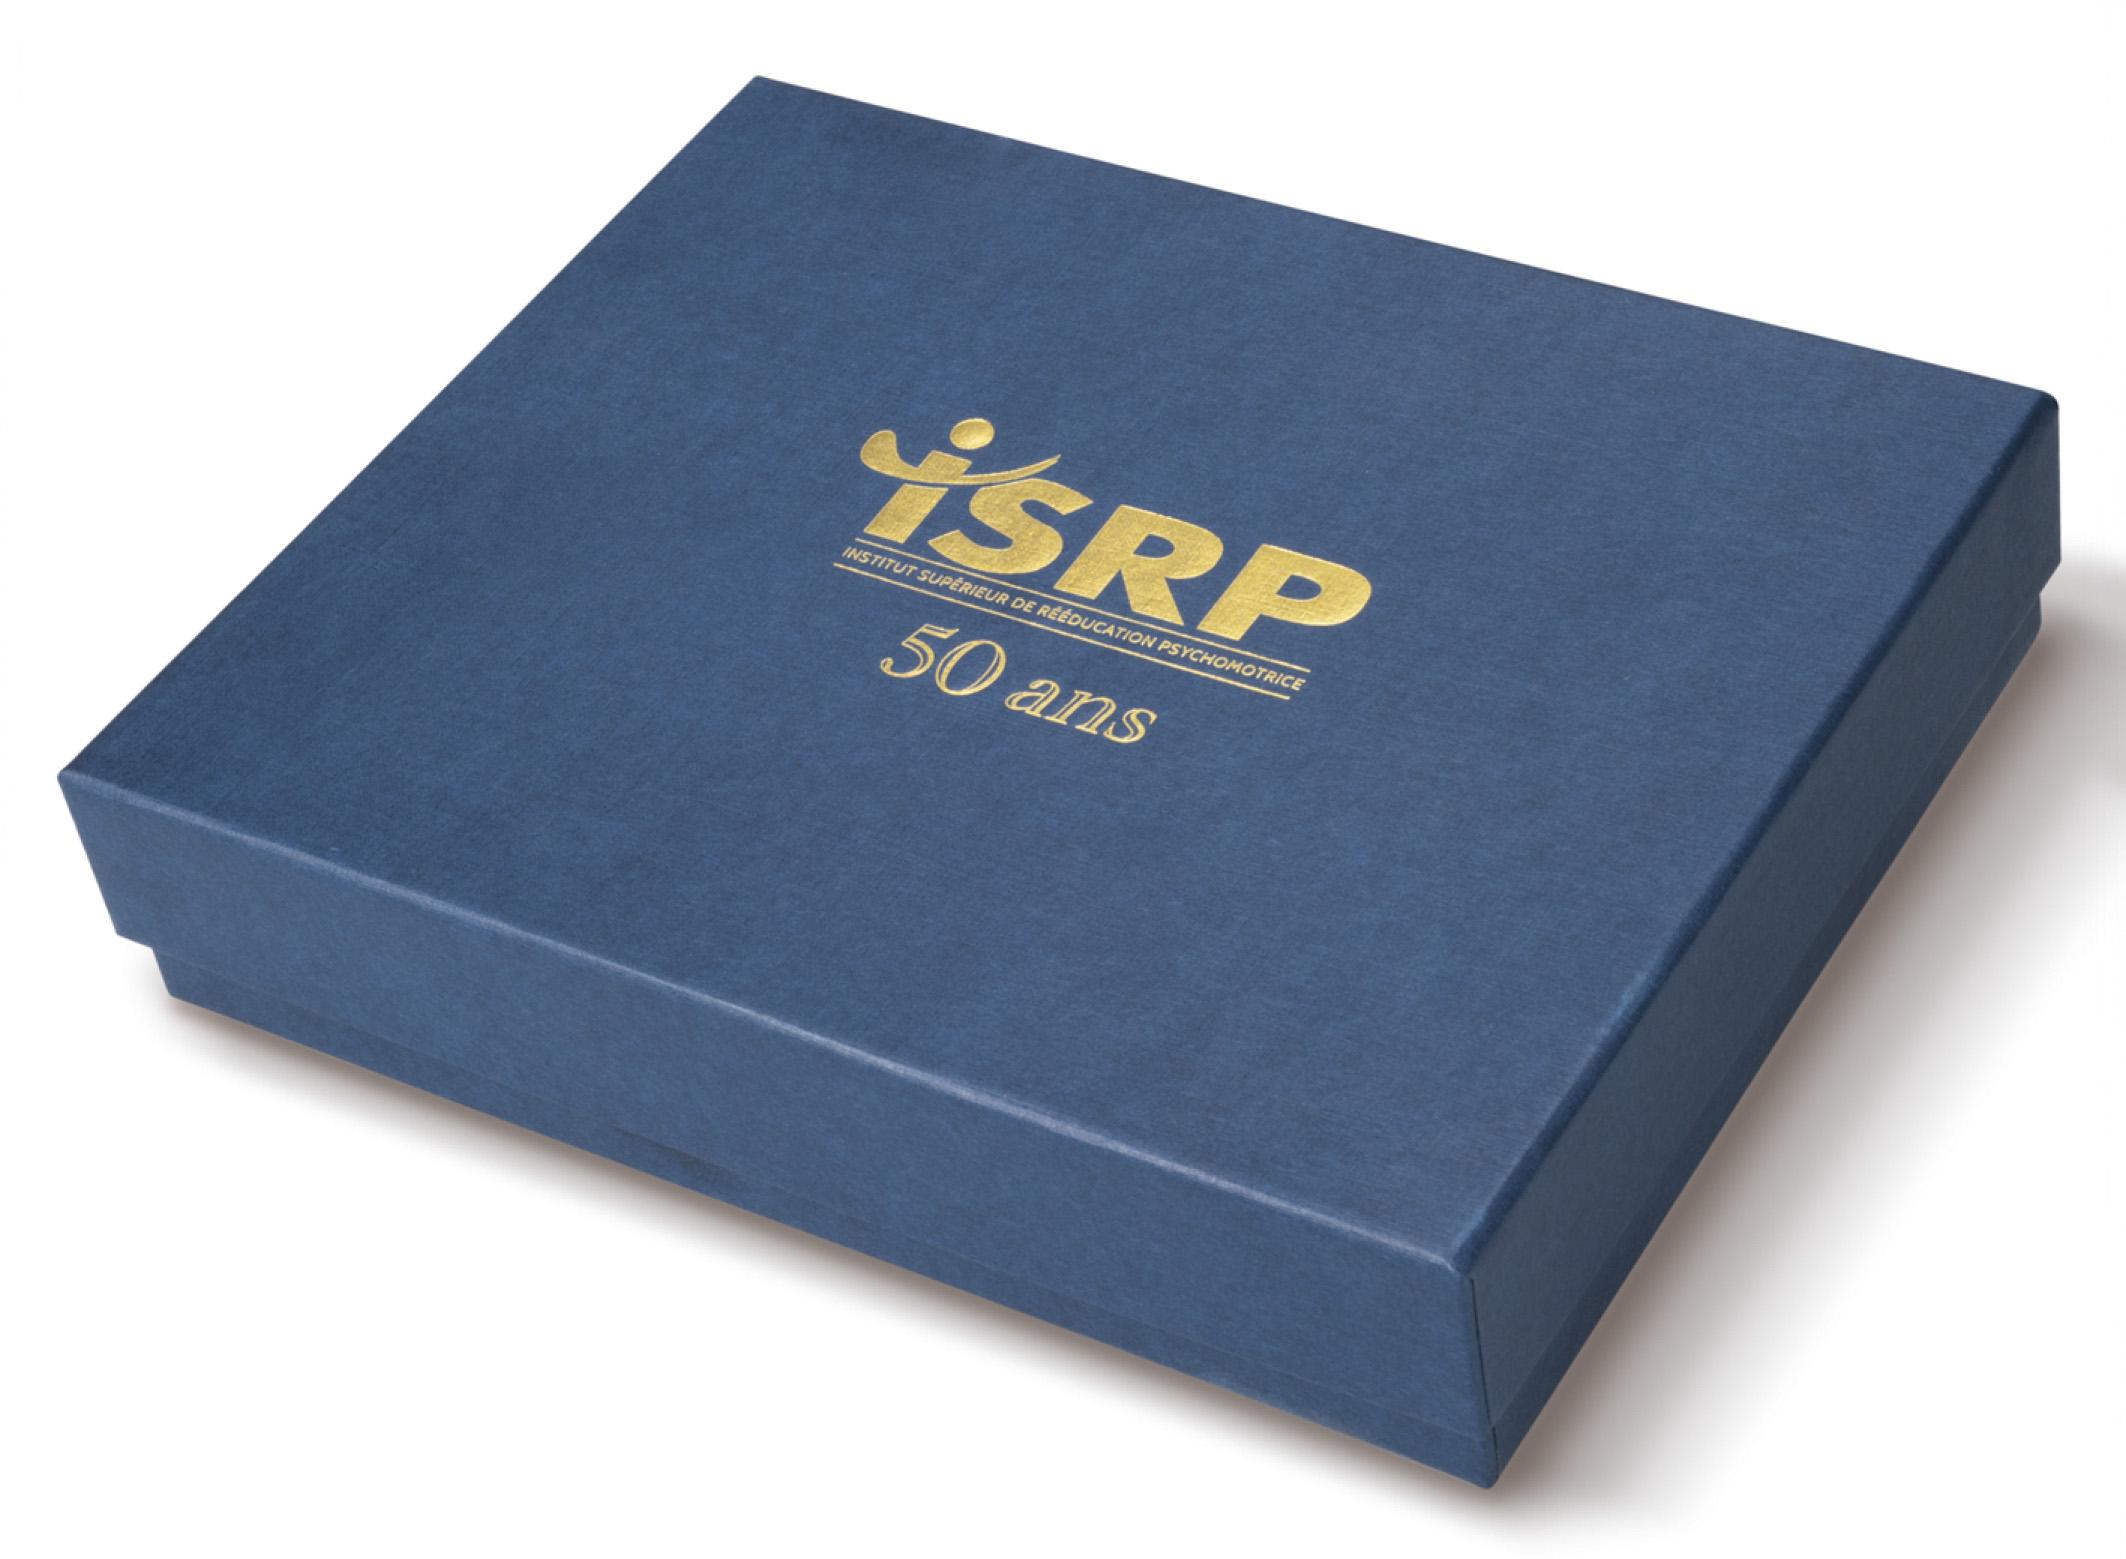 ISRP Vide-poche Porcelaine -1.jpg